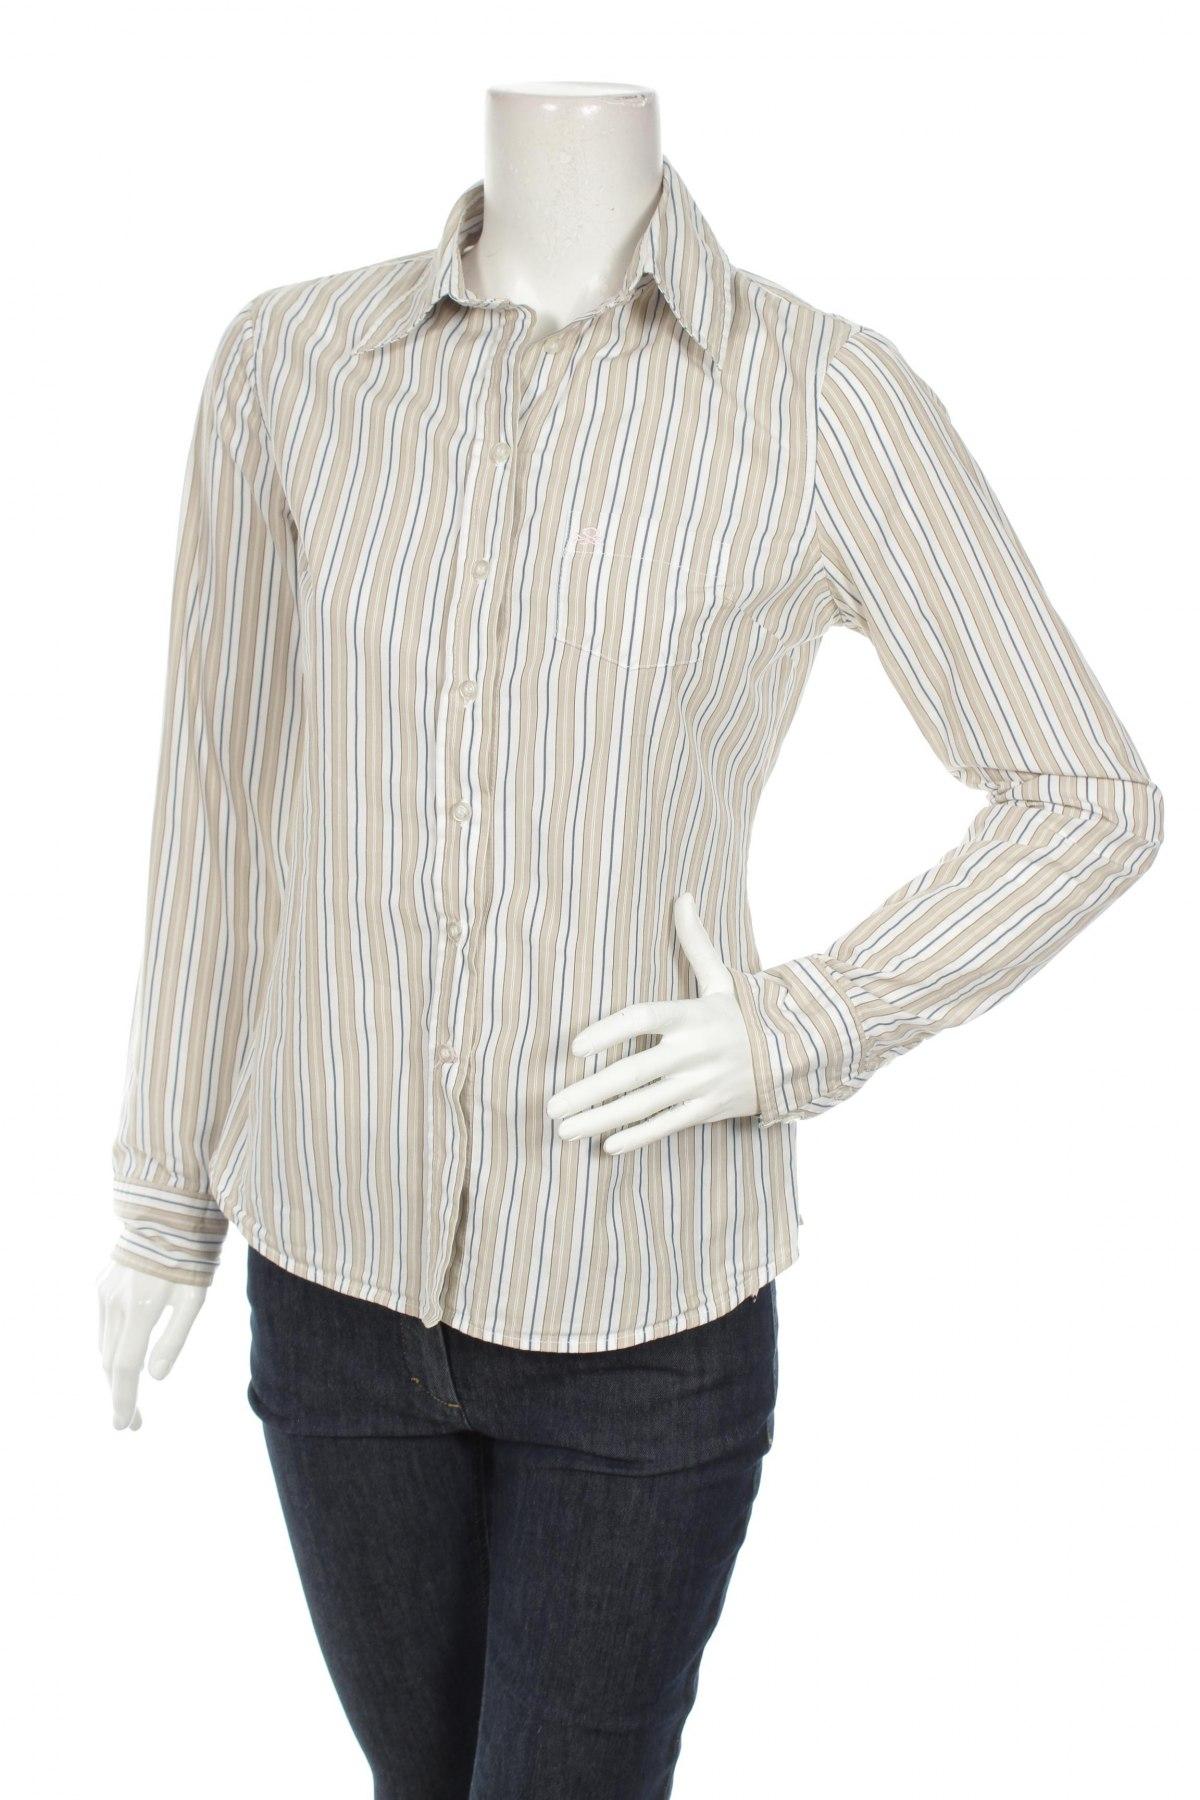 138315a732c Γυναικείο πουκάμισο United Colors Of Benetton - σε συμφέρουσα τιμή ...